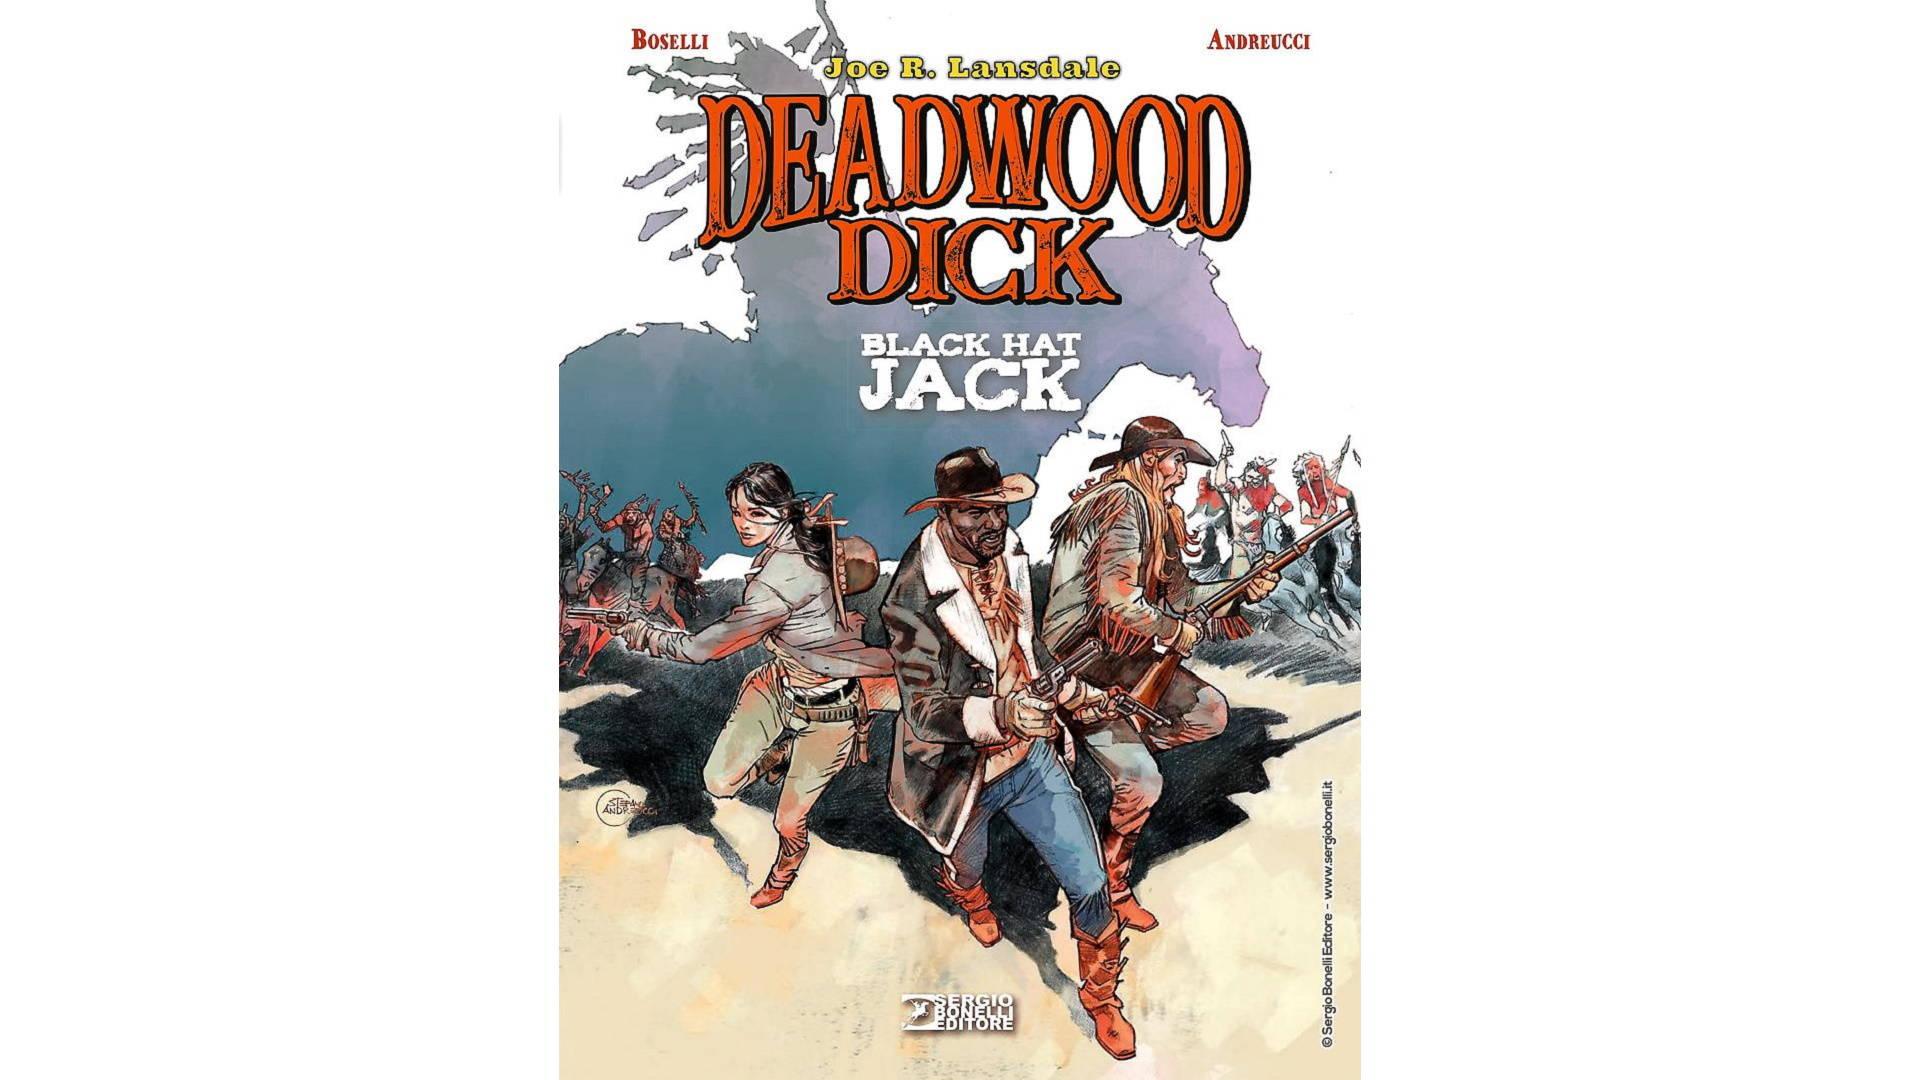 Jack Blacks Dick